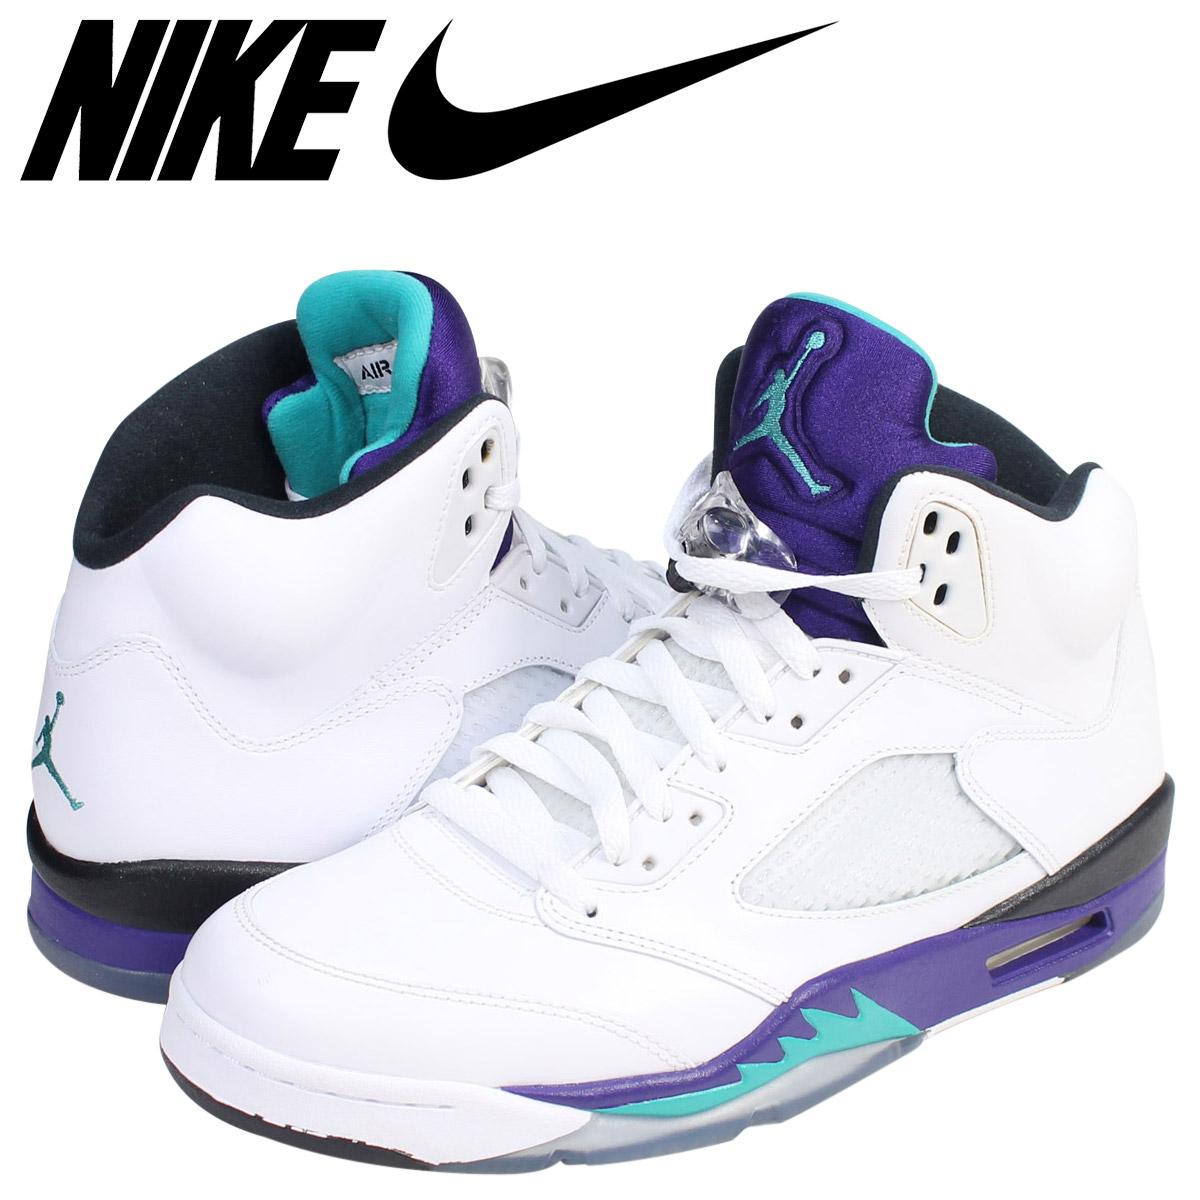 Sugar Online Shop  Nike NIKE Air Jordan 5 nostalgic sneakers AIR JORDAN 5  RETRO GRAPE 136 16cdc3edf